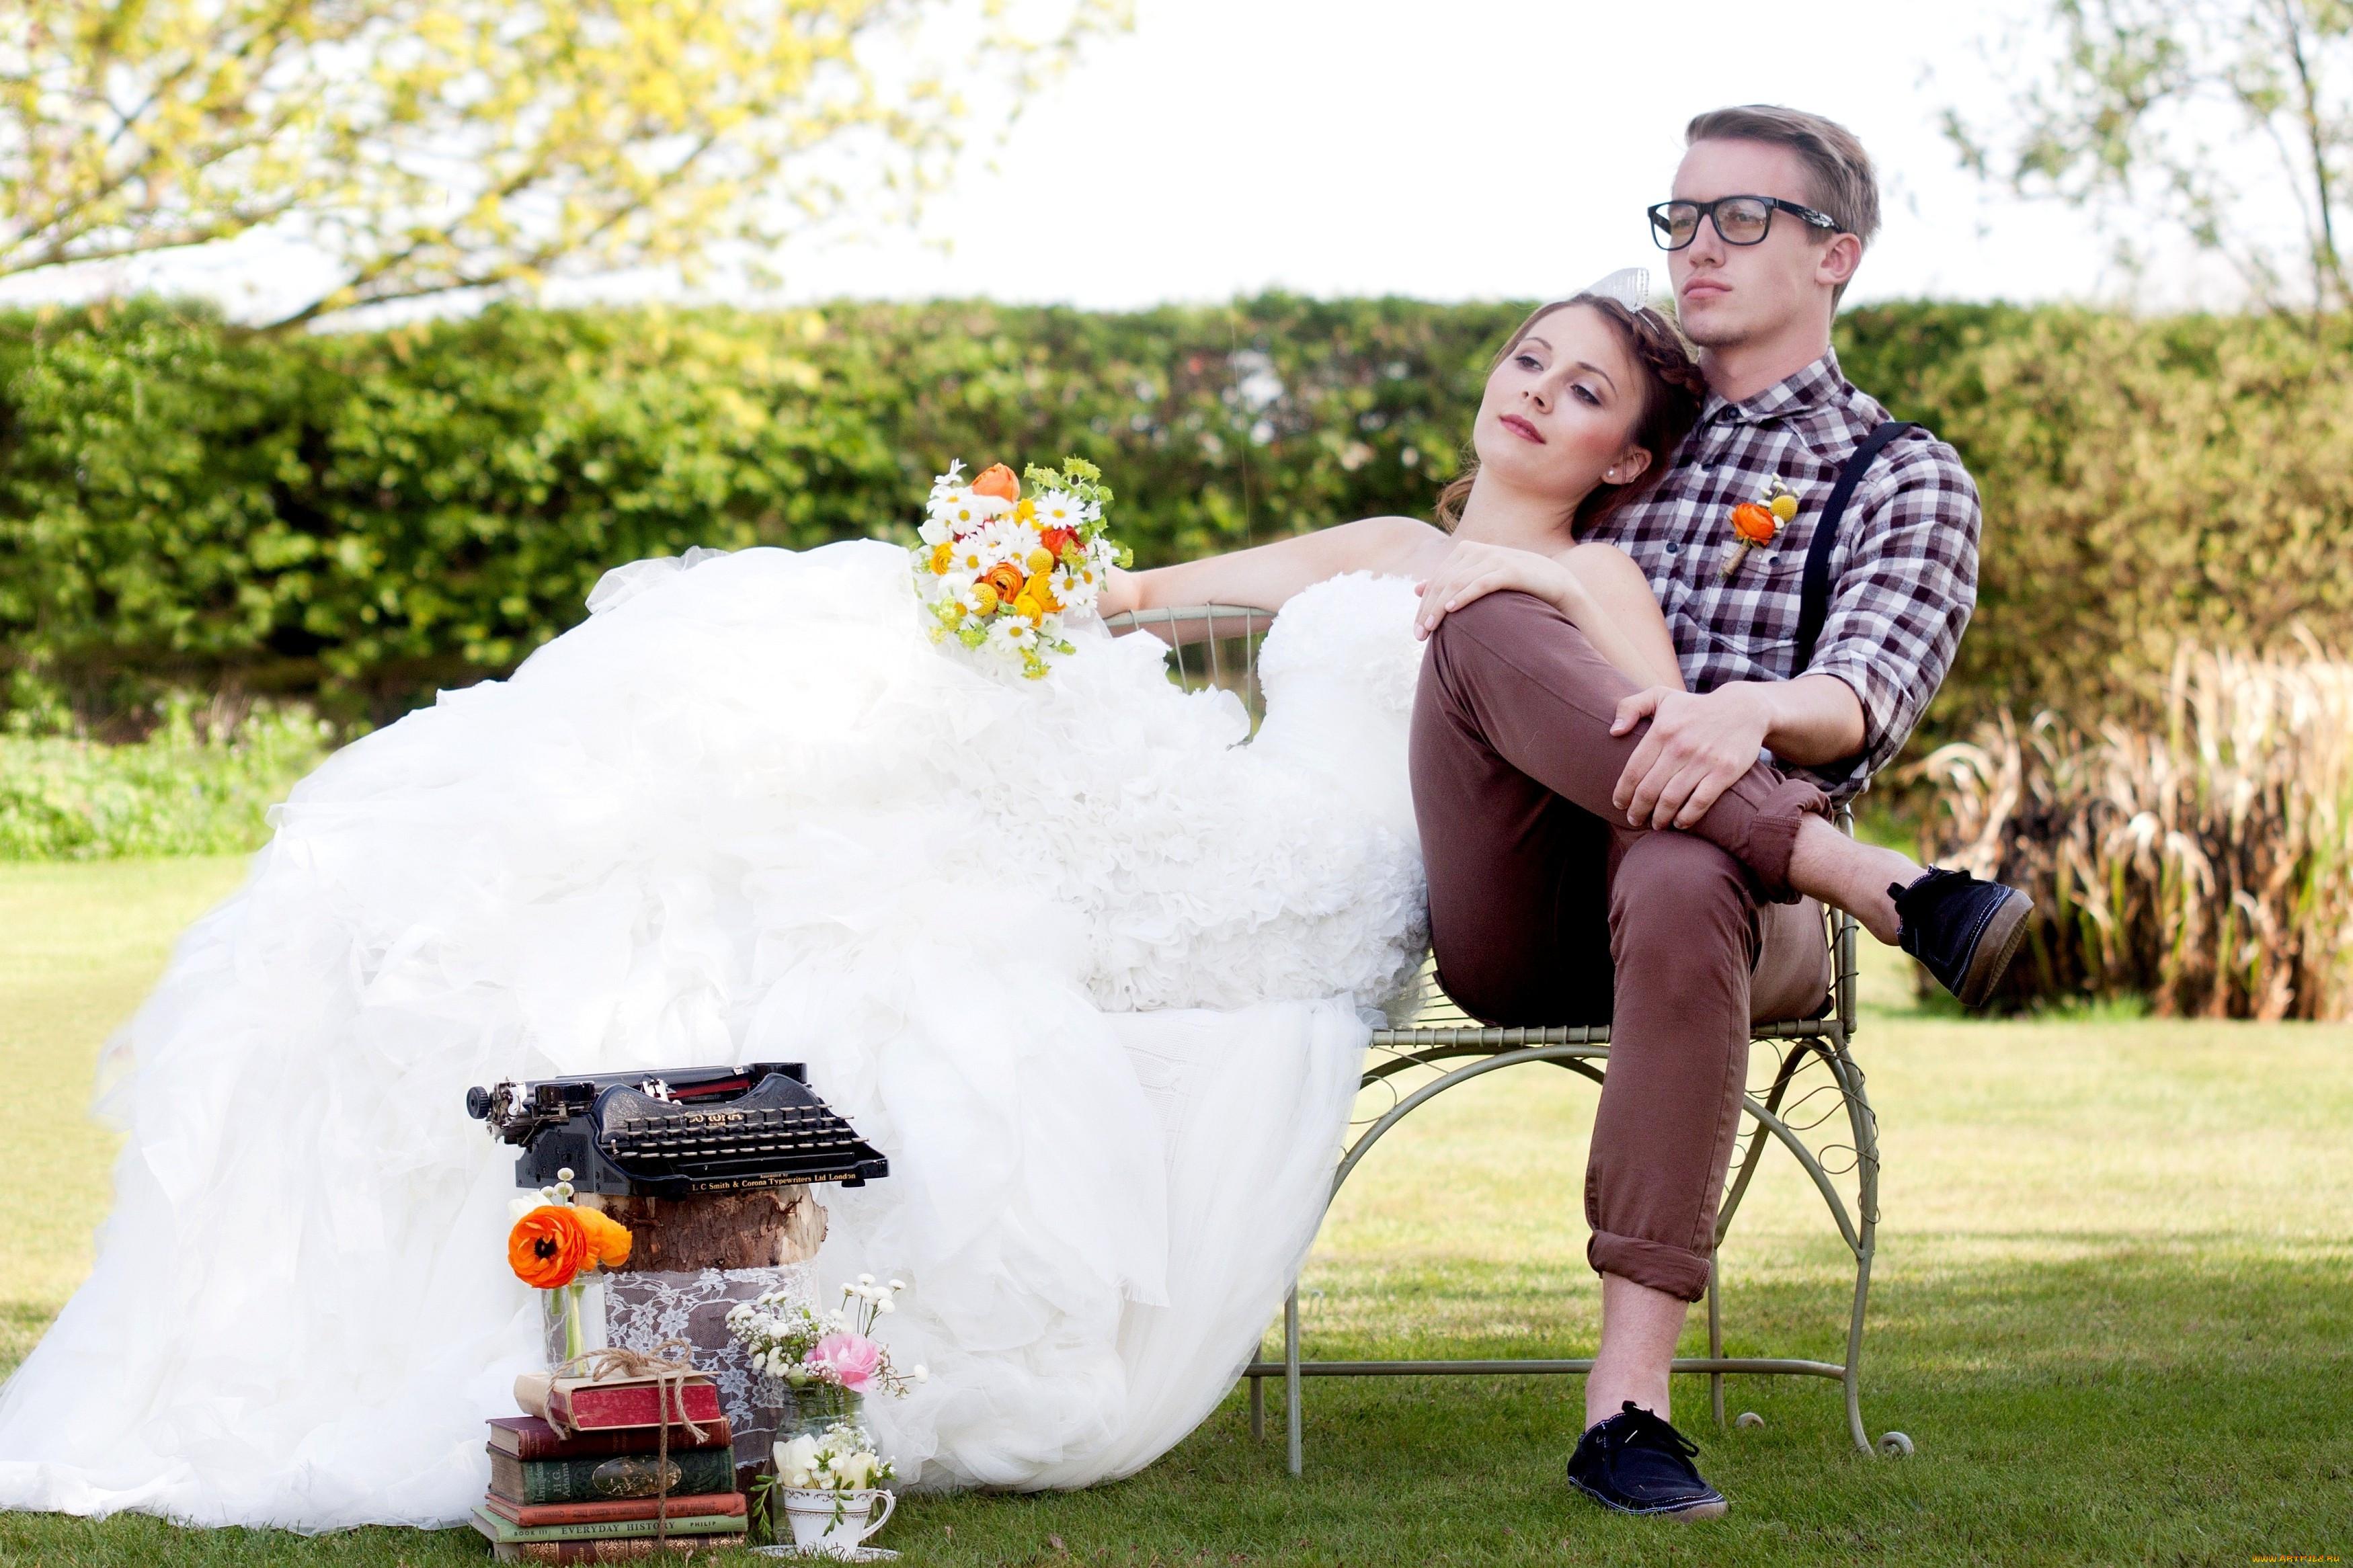 муравейник невесты в очках фотографии мальчику захочется собственными